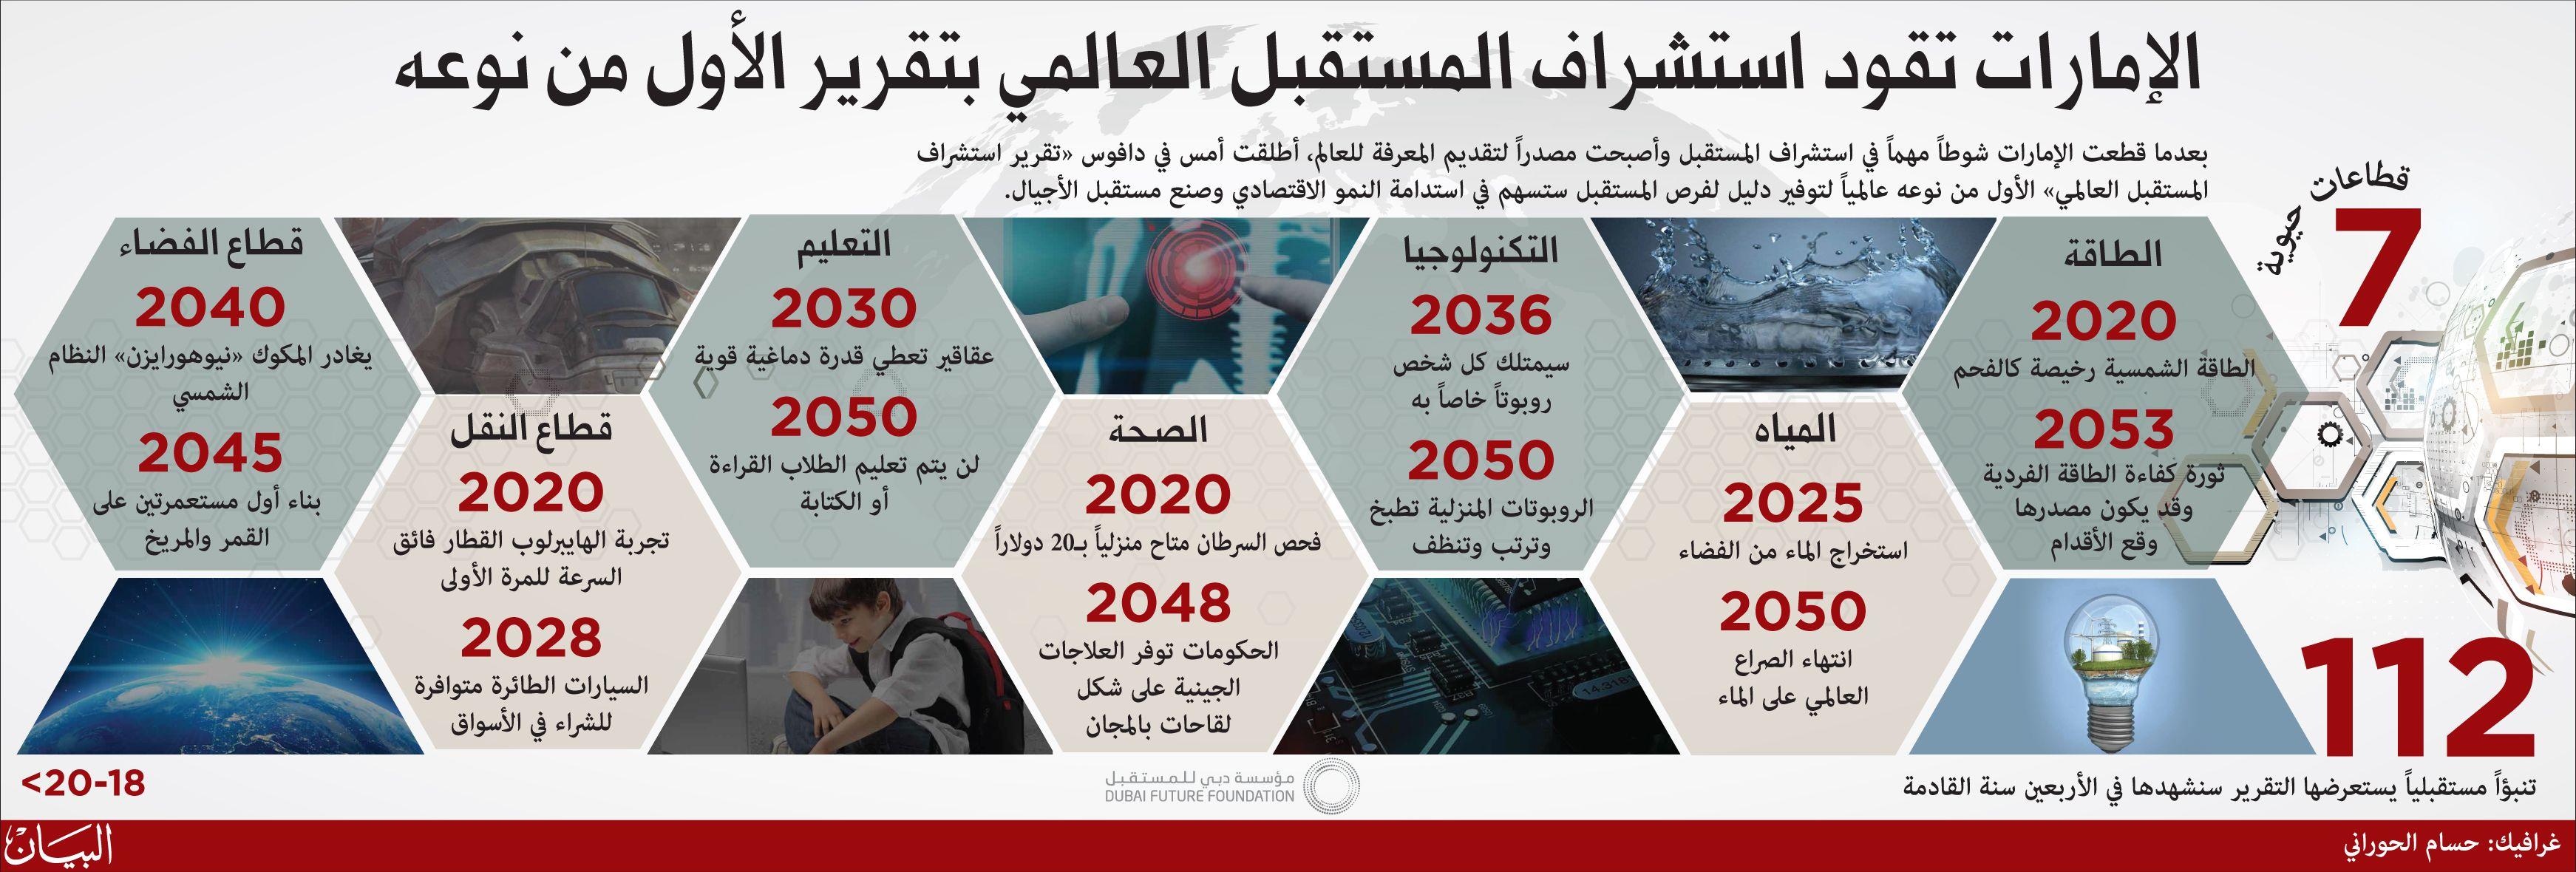 الإمارات تقود استشراف المستقبل العالمي بتقرير الأول من نوعه البيان How To Plan